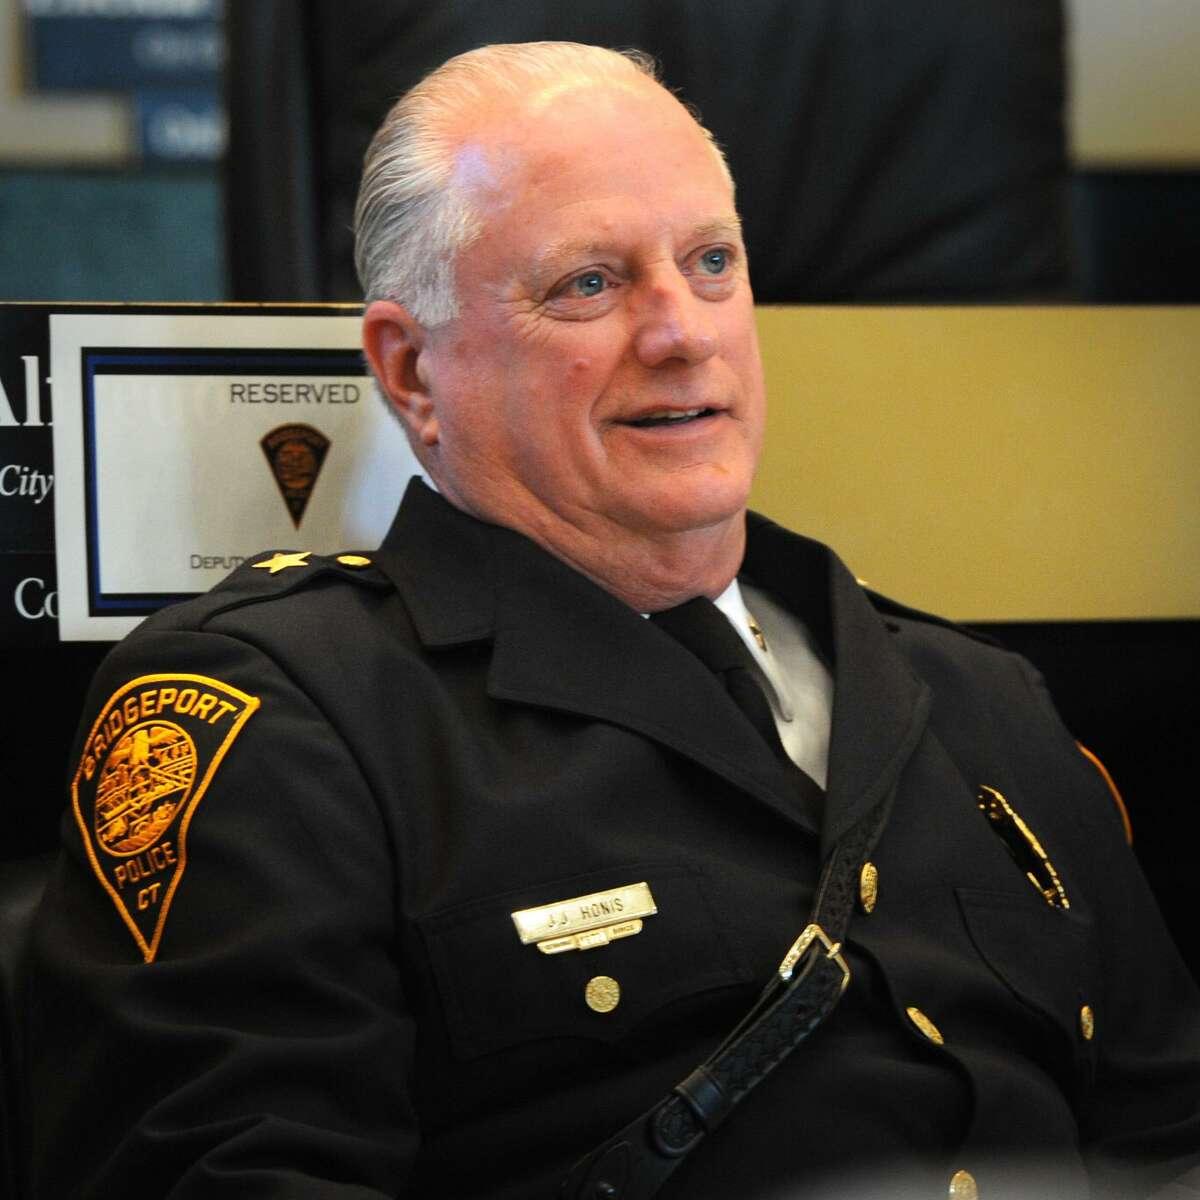 Bridgeport Police Department Deputy Chief James Honis, Sept. 4, 2014.